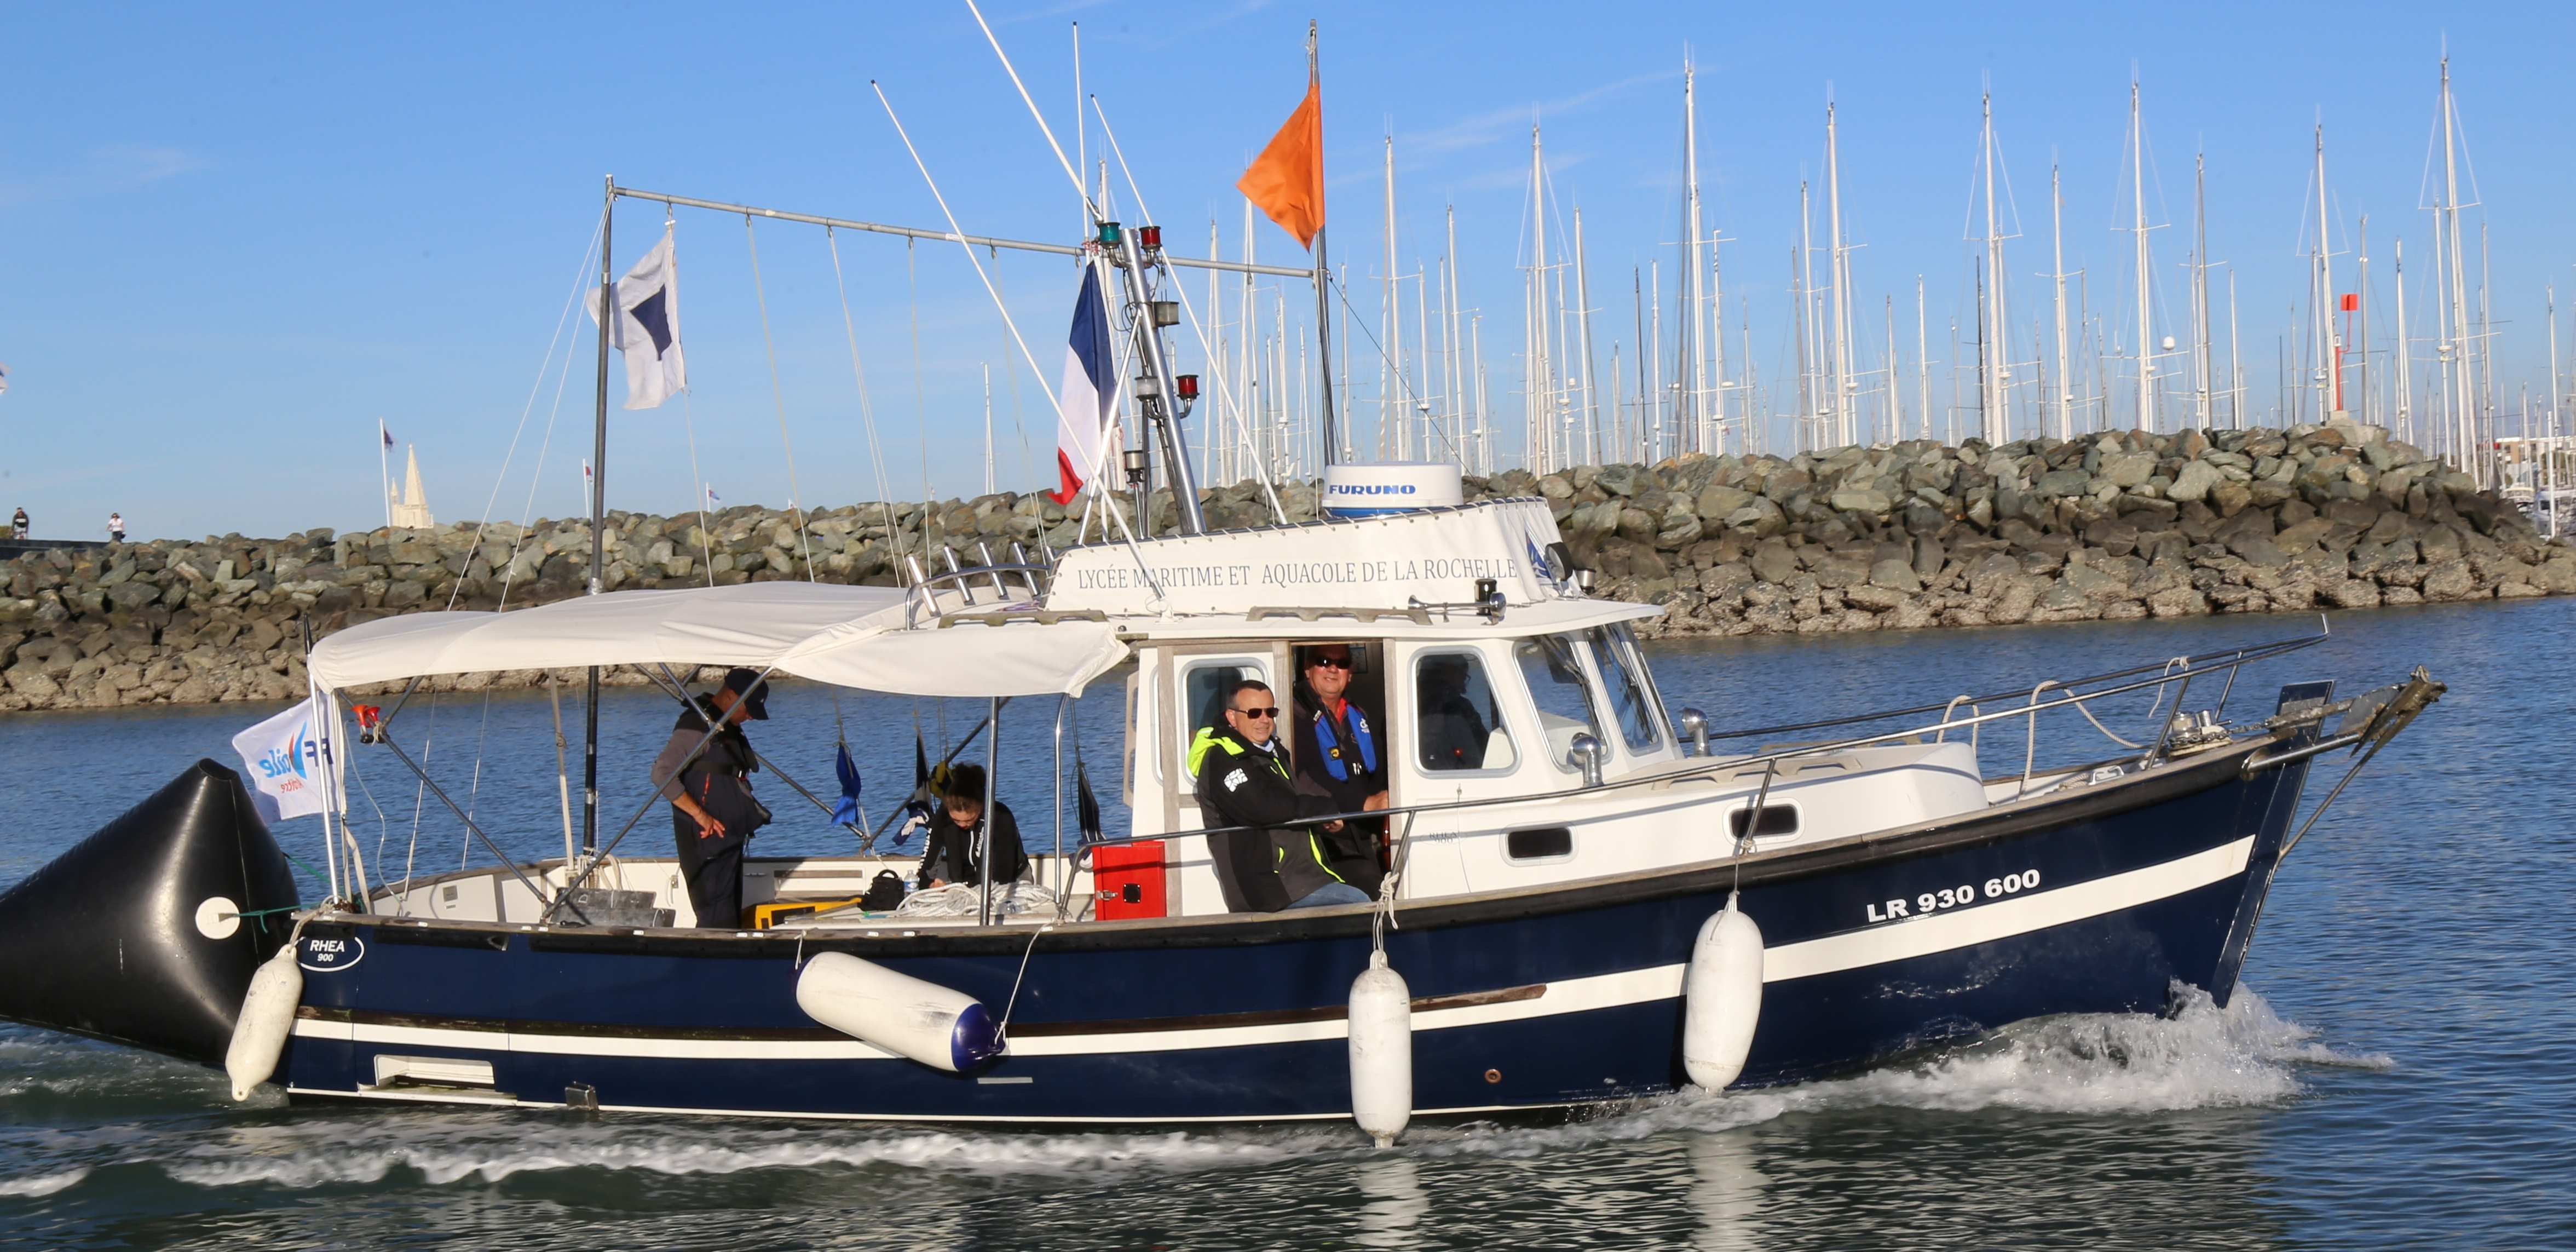 Le Poitou-Charentes II, navire-école du LMA. Photo Jacky Grange - LMA La Rochelle.